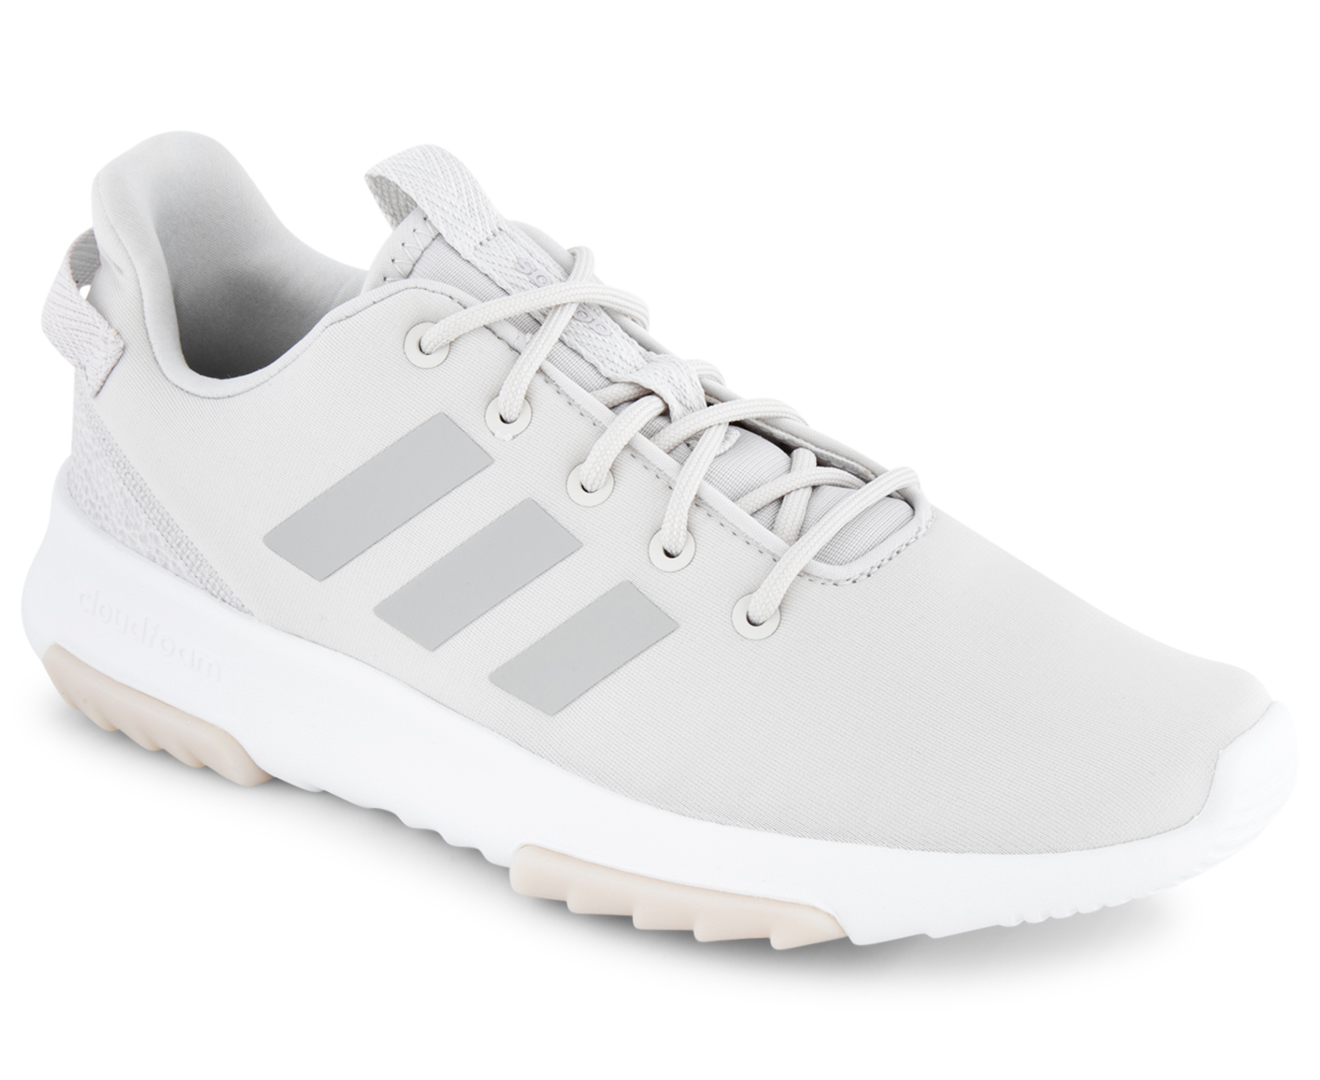 adidas neo men's cloudfoam advantage casual shoes nz